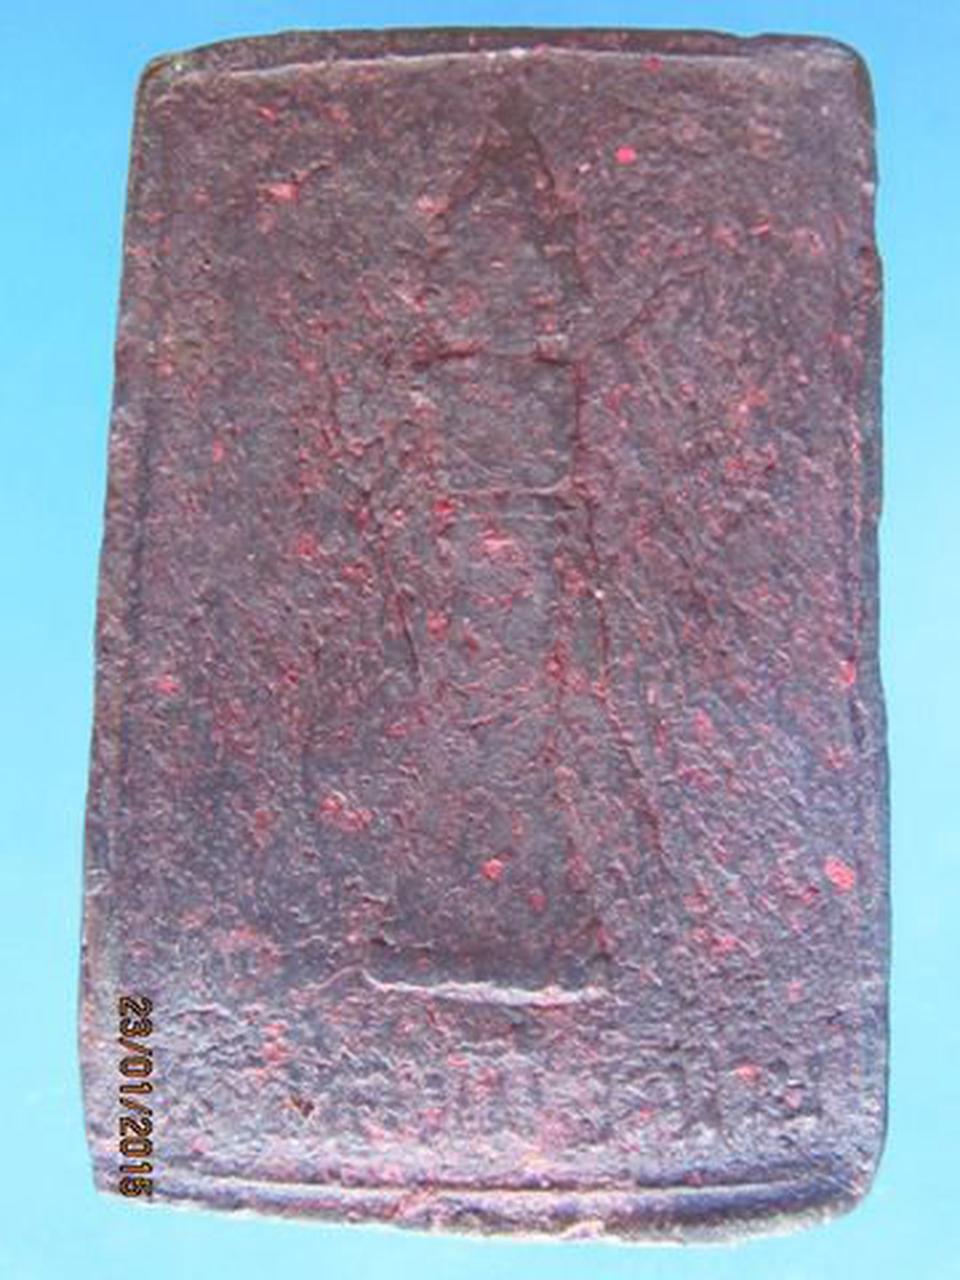 1104 สมเด็จผงว่านรุ่นแรก หลังเสาหลักเมือง จังหวัด น่าน ปี 25 รูปที่ 2